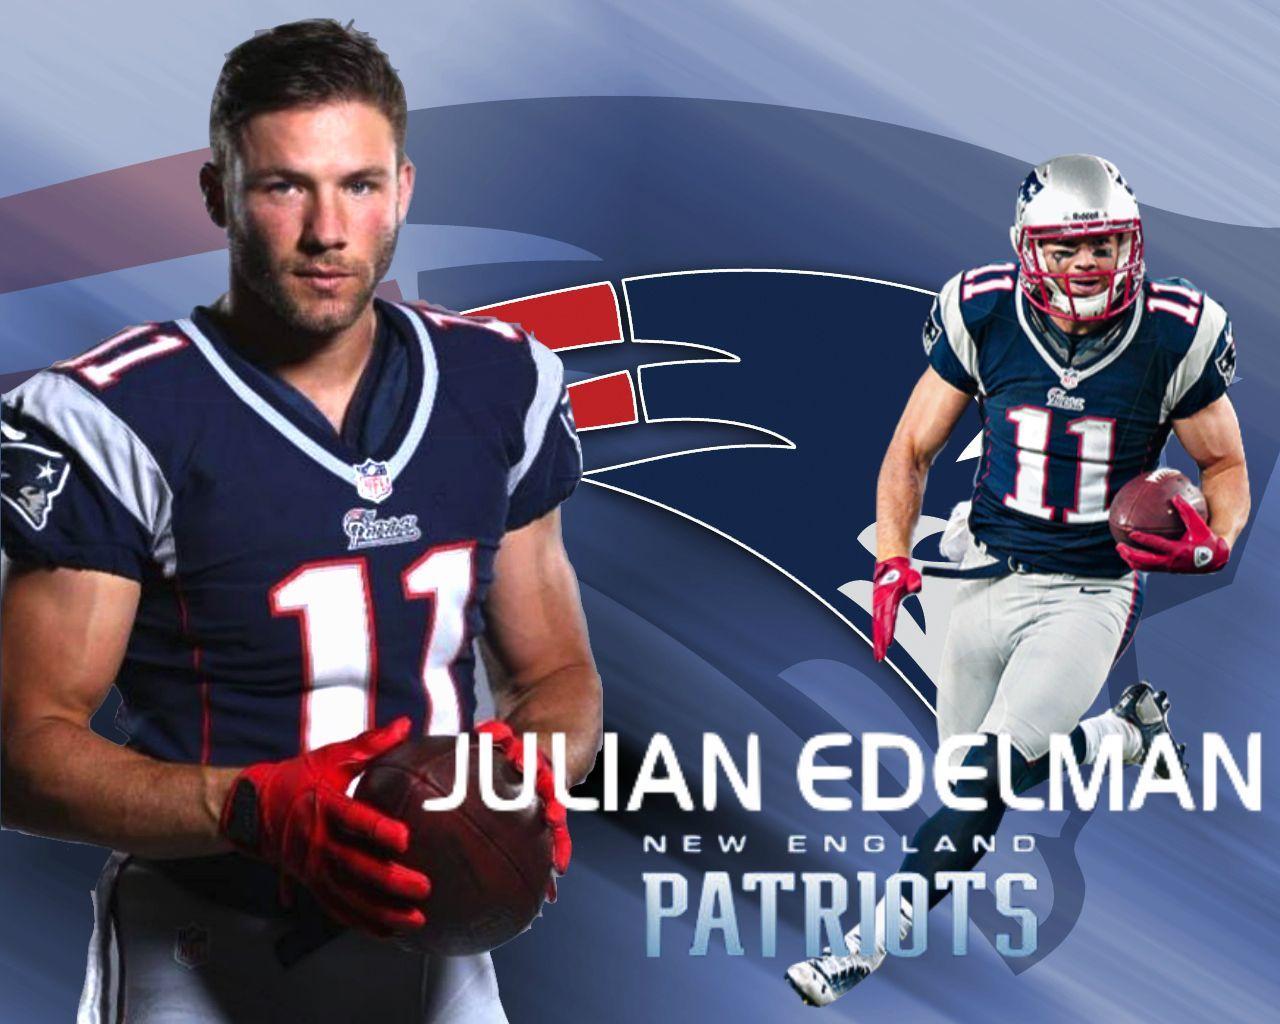 Julianedelman Patriots Party Patriots Cupcakes New England Patriots Quotes New England Patriots Outfits New Engl Julian Edelman Edelman Patriots Edelman Jersey